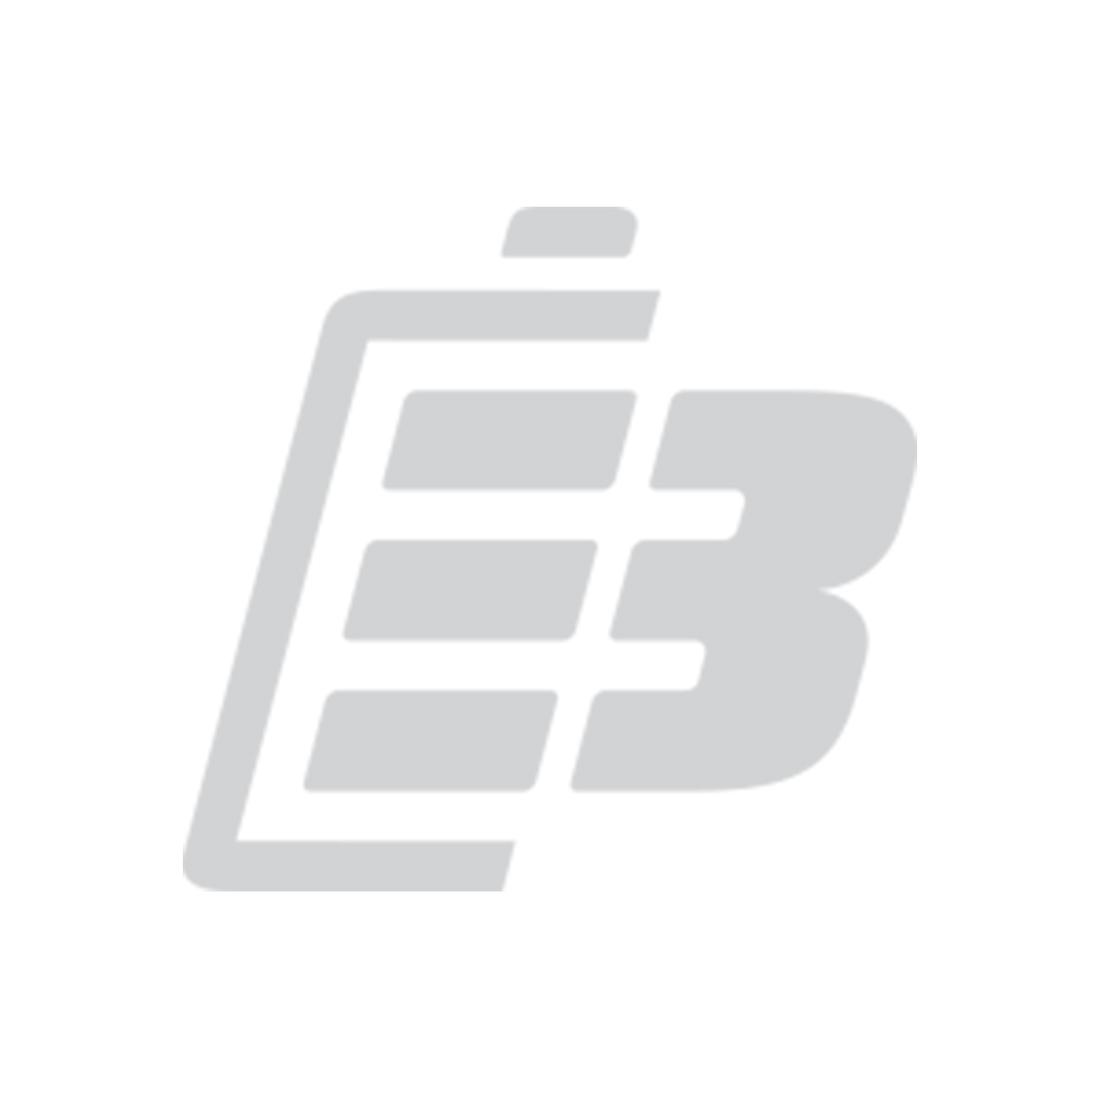 Μπαταρία tablet Samsung Galaxy Tab 3 8.0_1